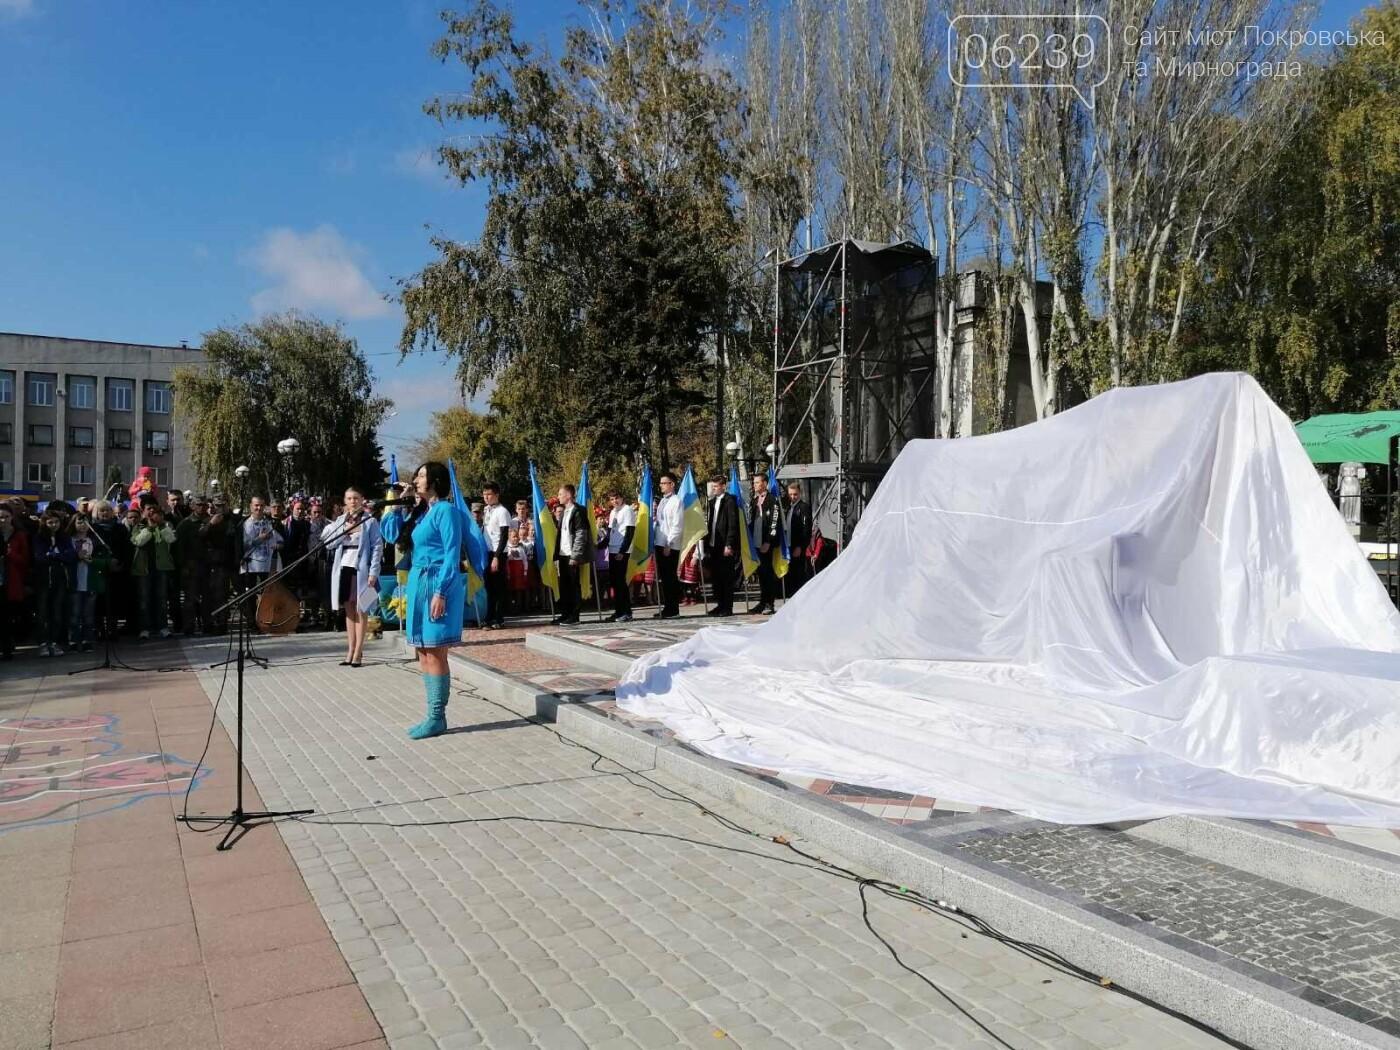 В Покровске состоялось торжественное открытие памятника Шевченко, фото-4